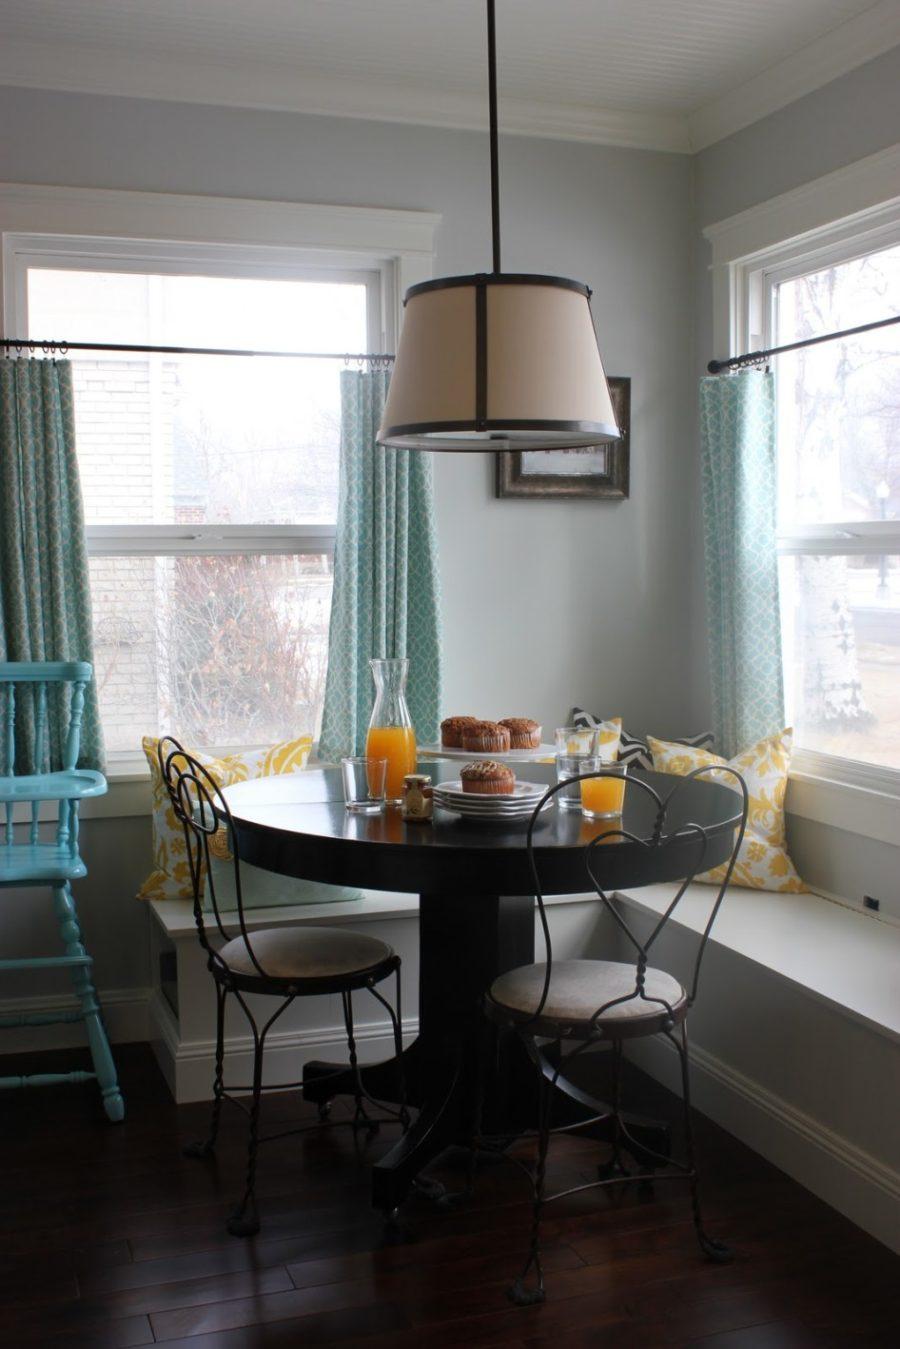 Как обустроить обеденную зону на кухне - Фото 28